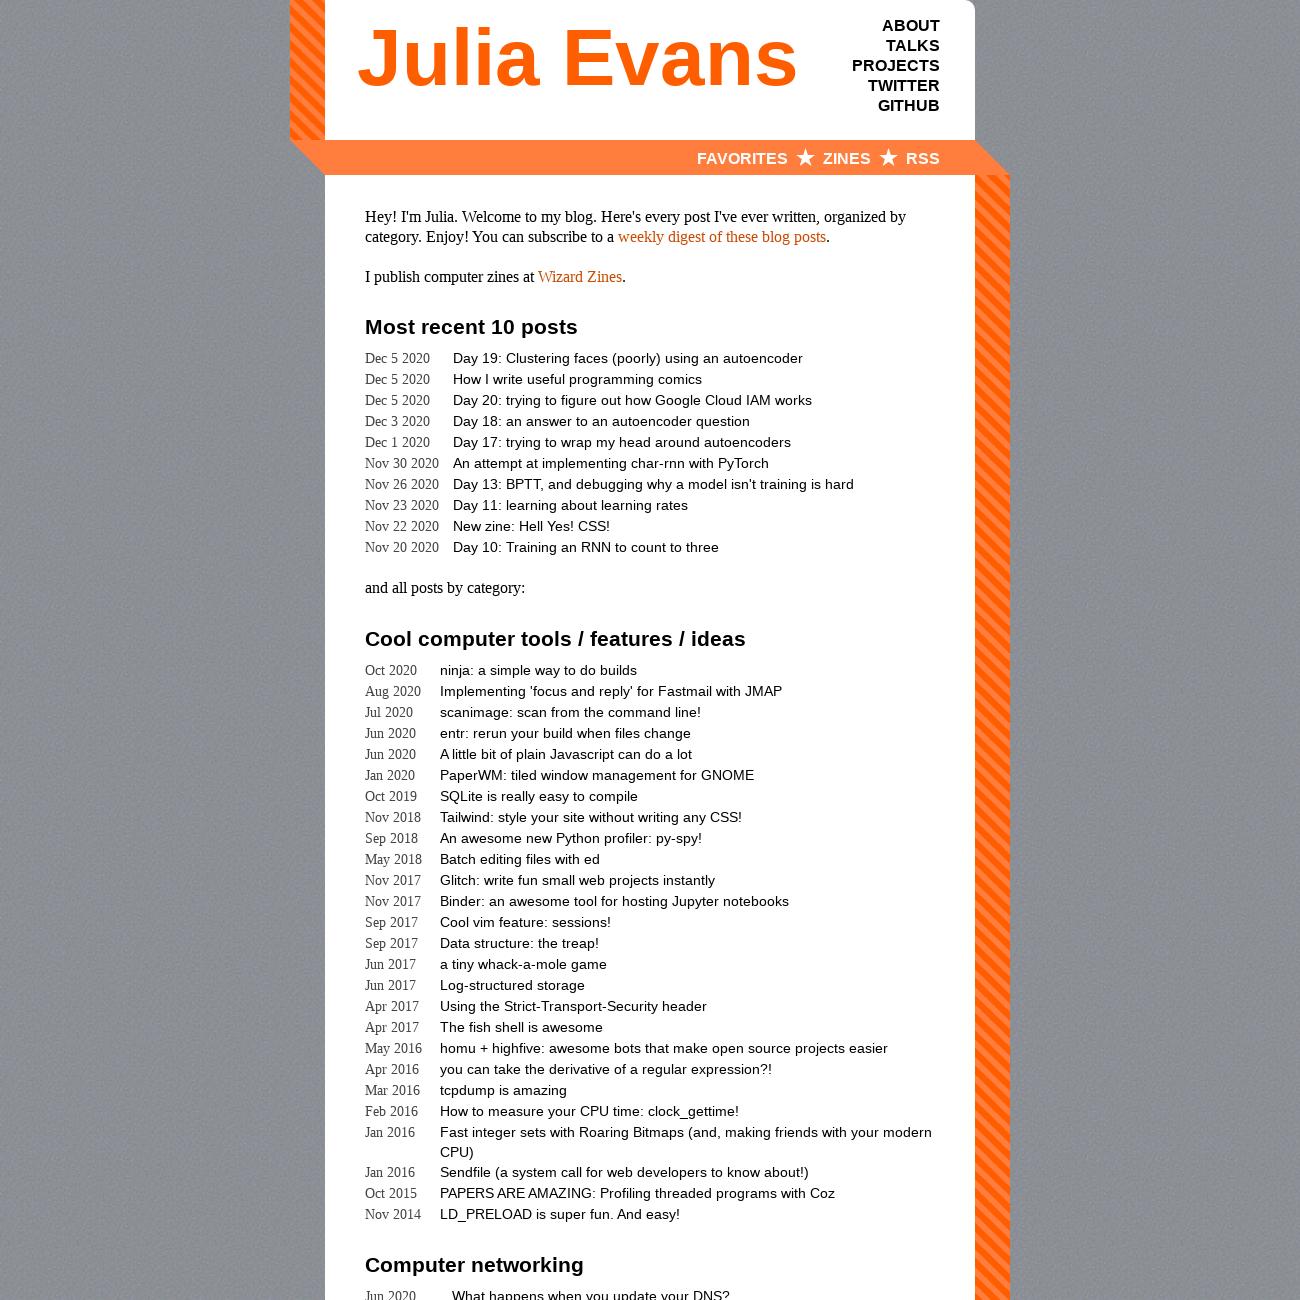 Julia Evans' Blog